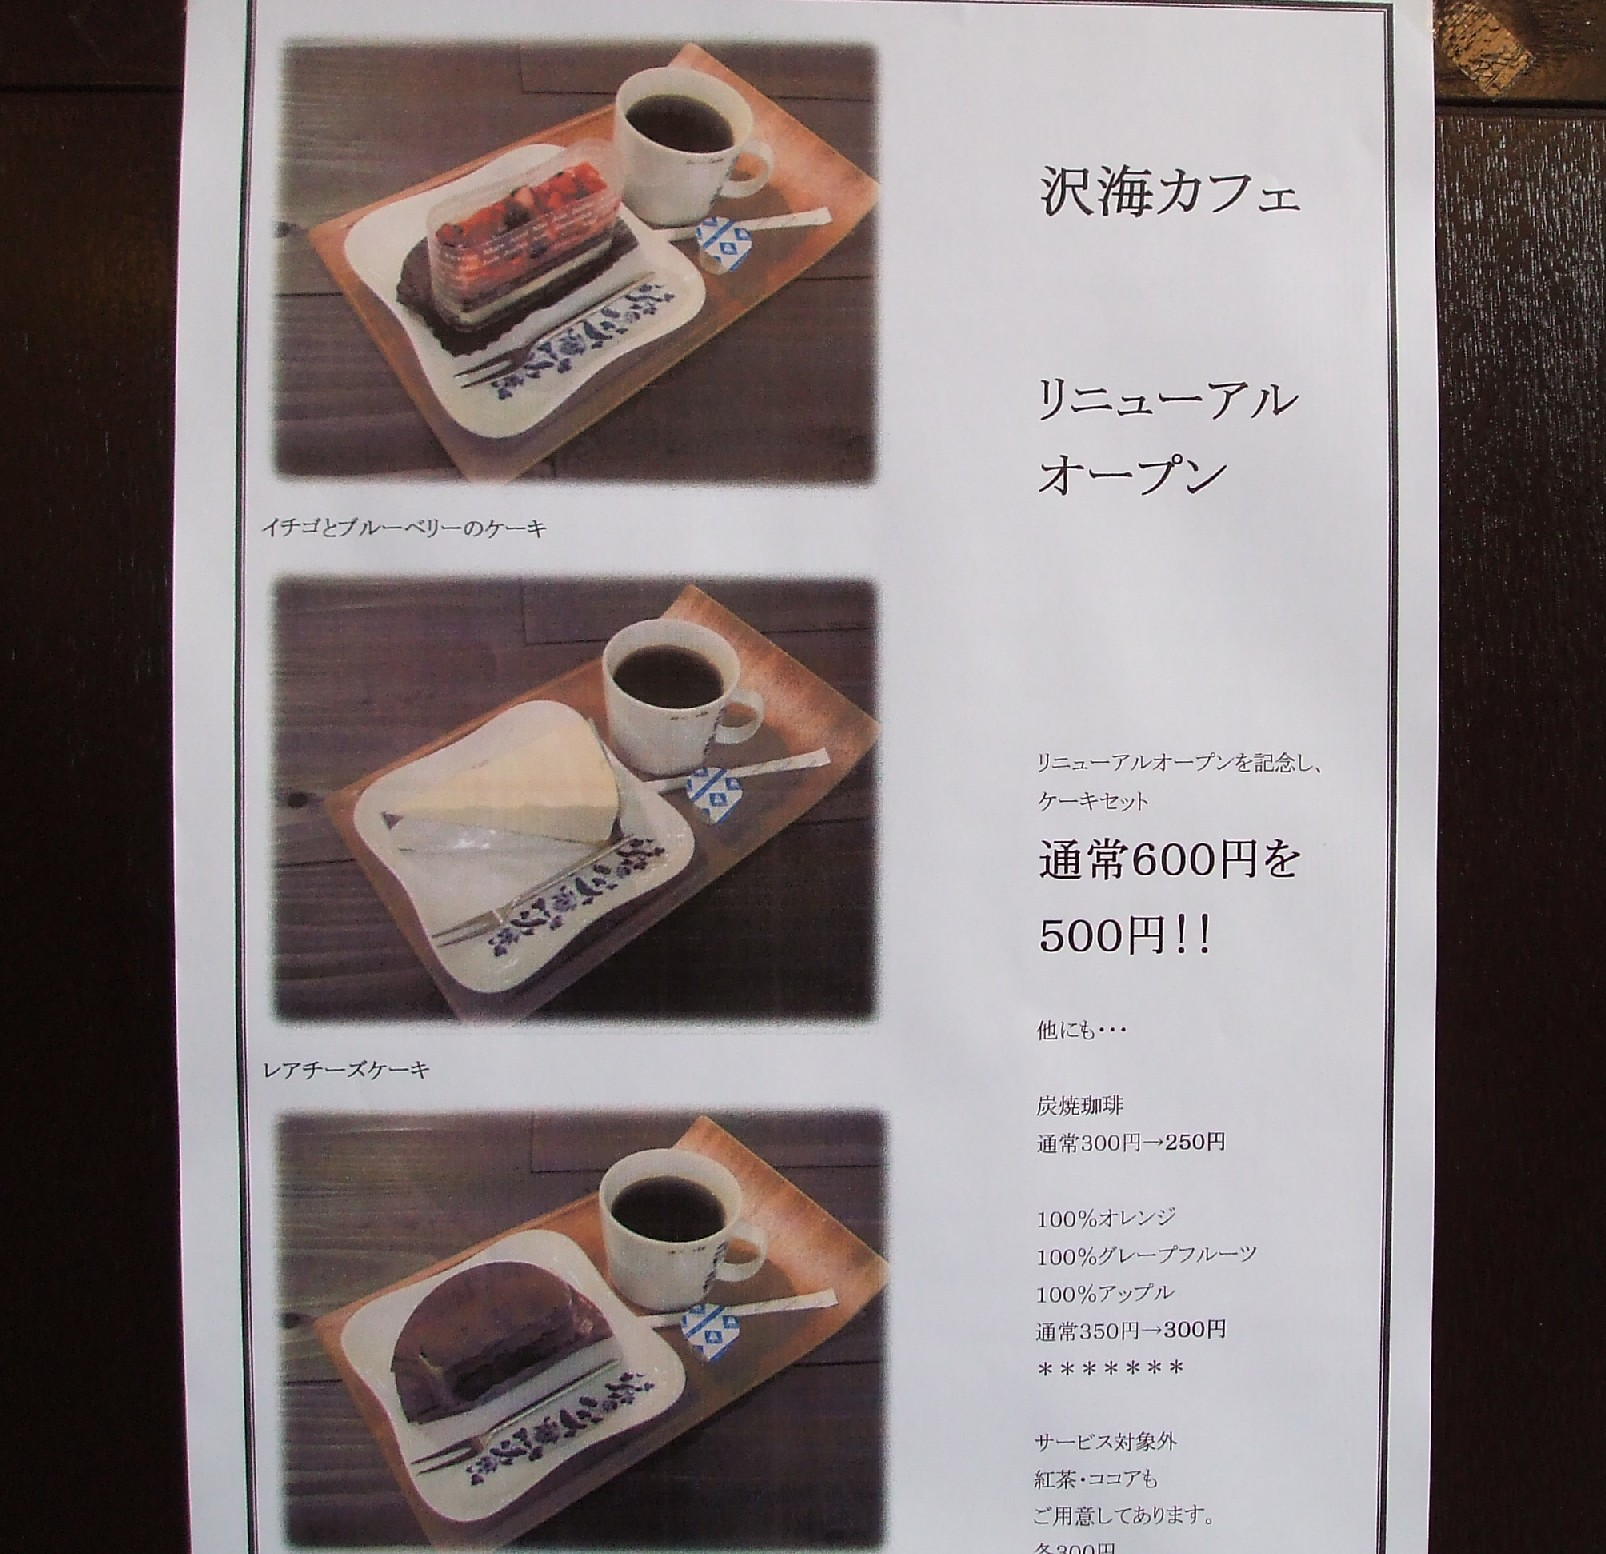 沢海カフェ_e0135219_16395078.jpg